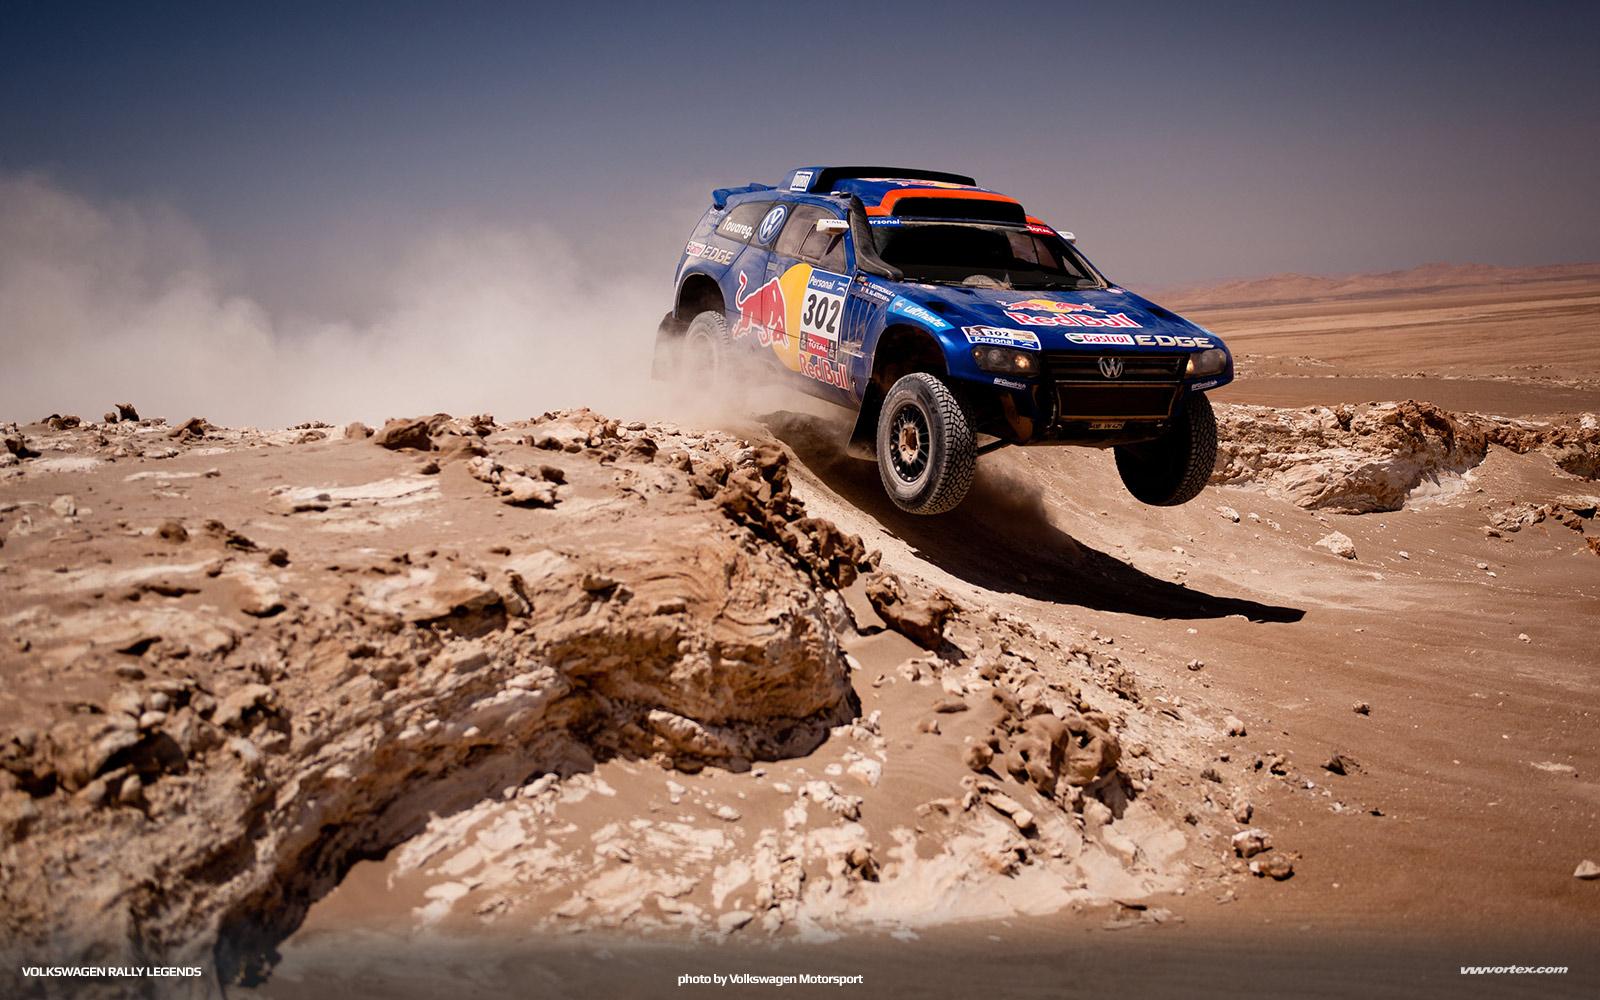 volkswagen-rally-legends-365